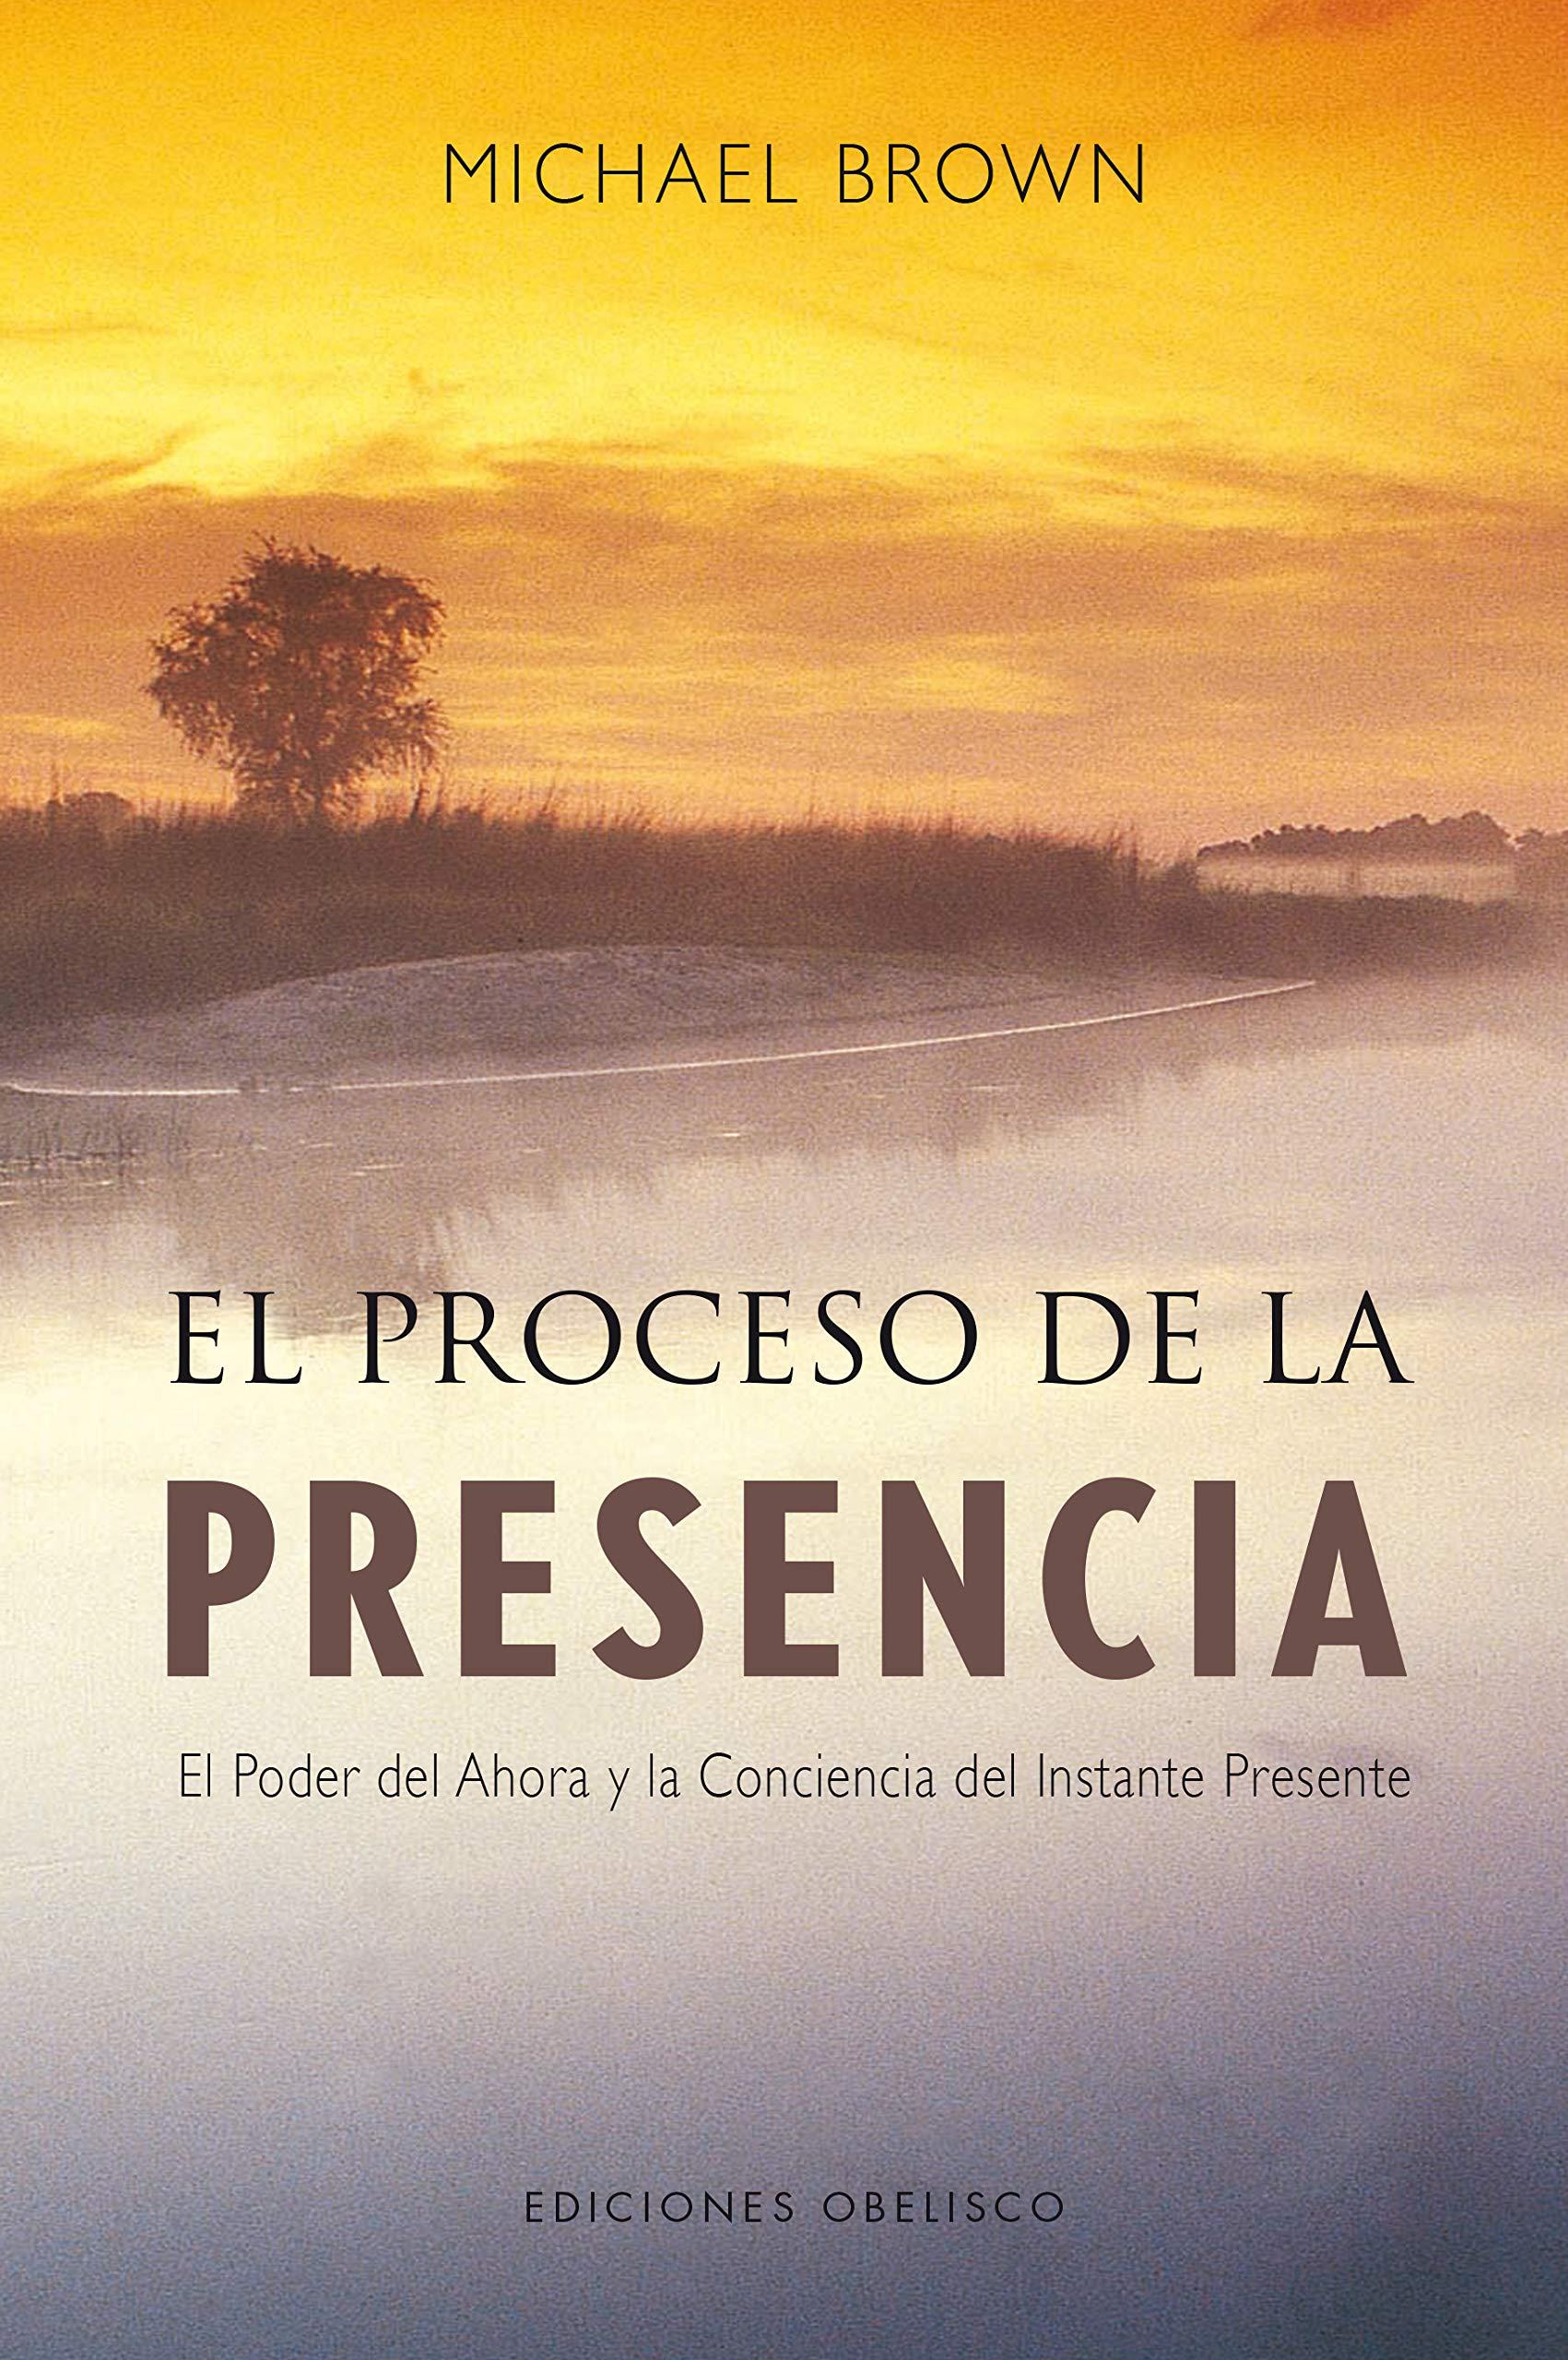 El proceso de la presencia: el poder del ahora y la conciencia del instante  presente NUEVA CONSCIENCIA: Amazon.es: MICHAEL BROWN, Antonio Cutanda  Morant: ...